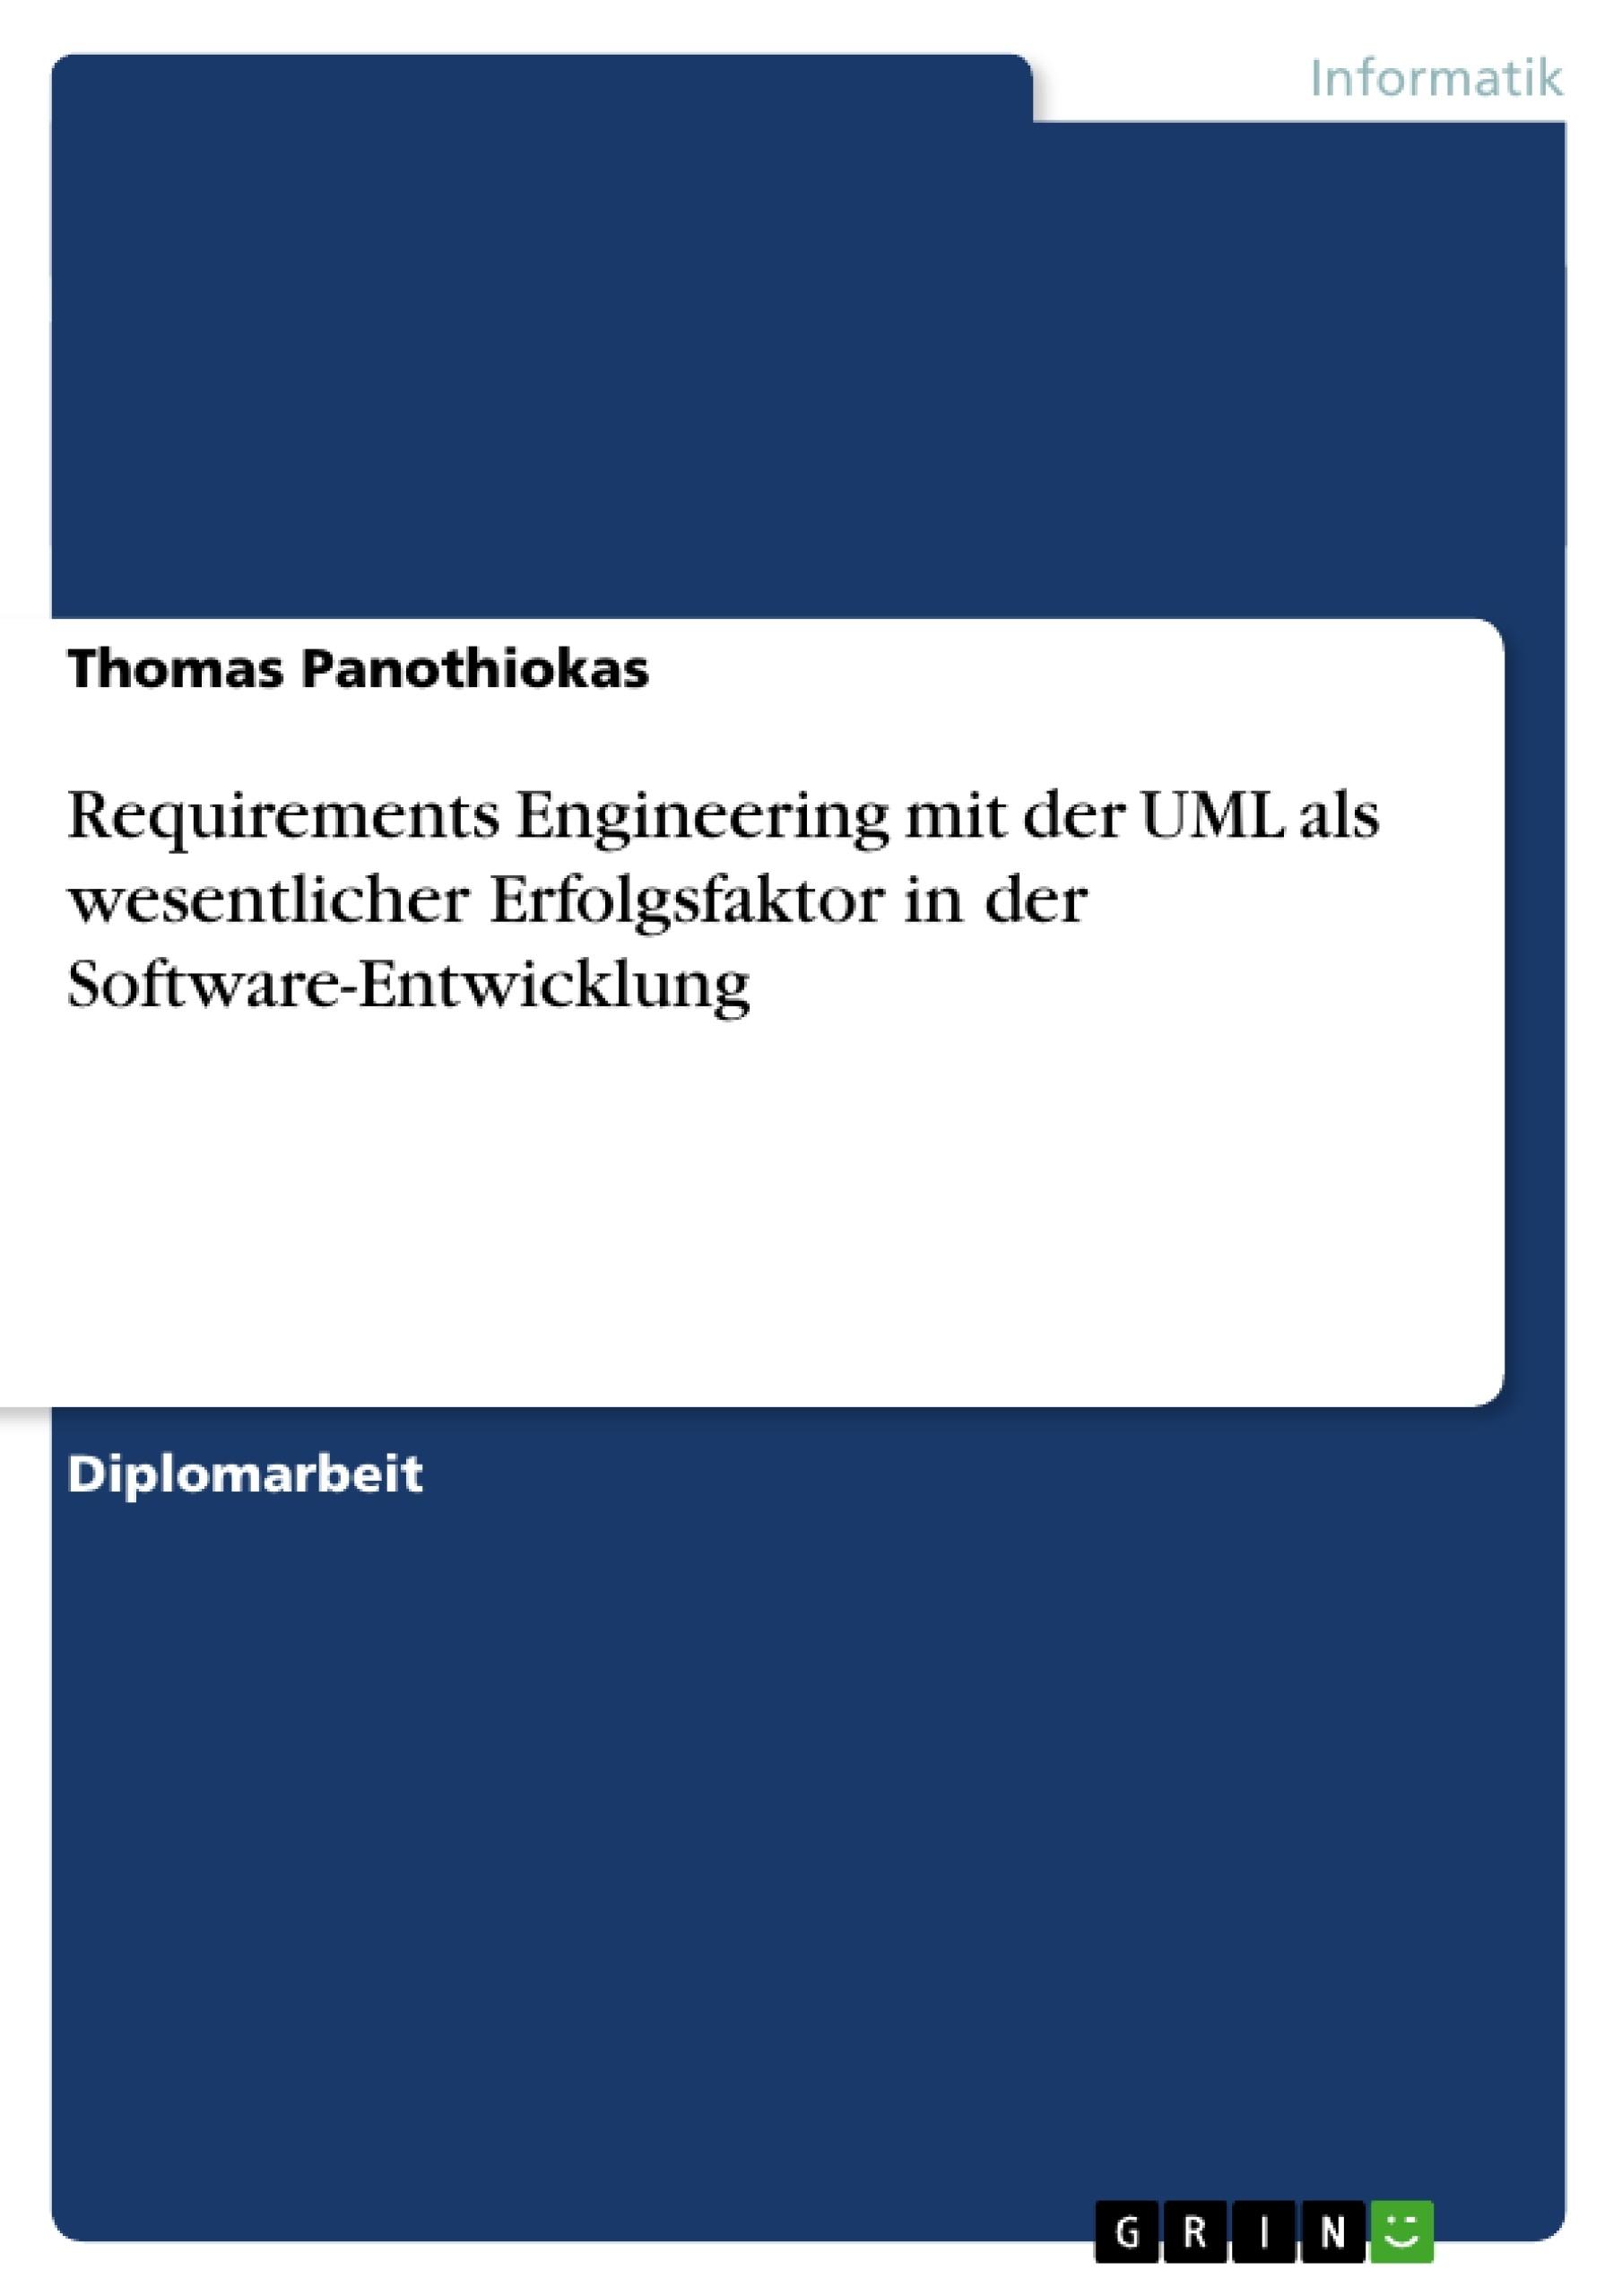 Titel: Requirements Engineering mit der UML als wesentlicher Erfolgsfaktor in der Software-Entwicklung